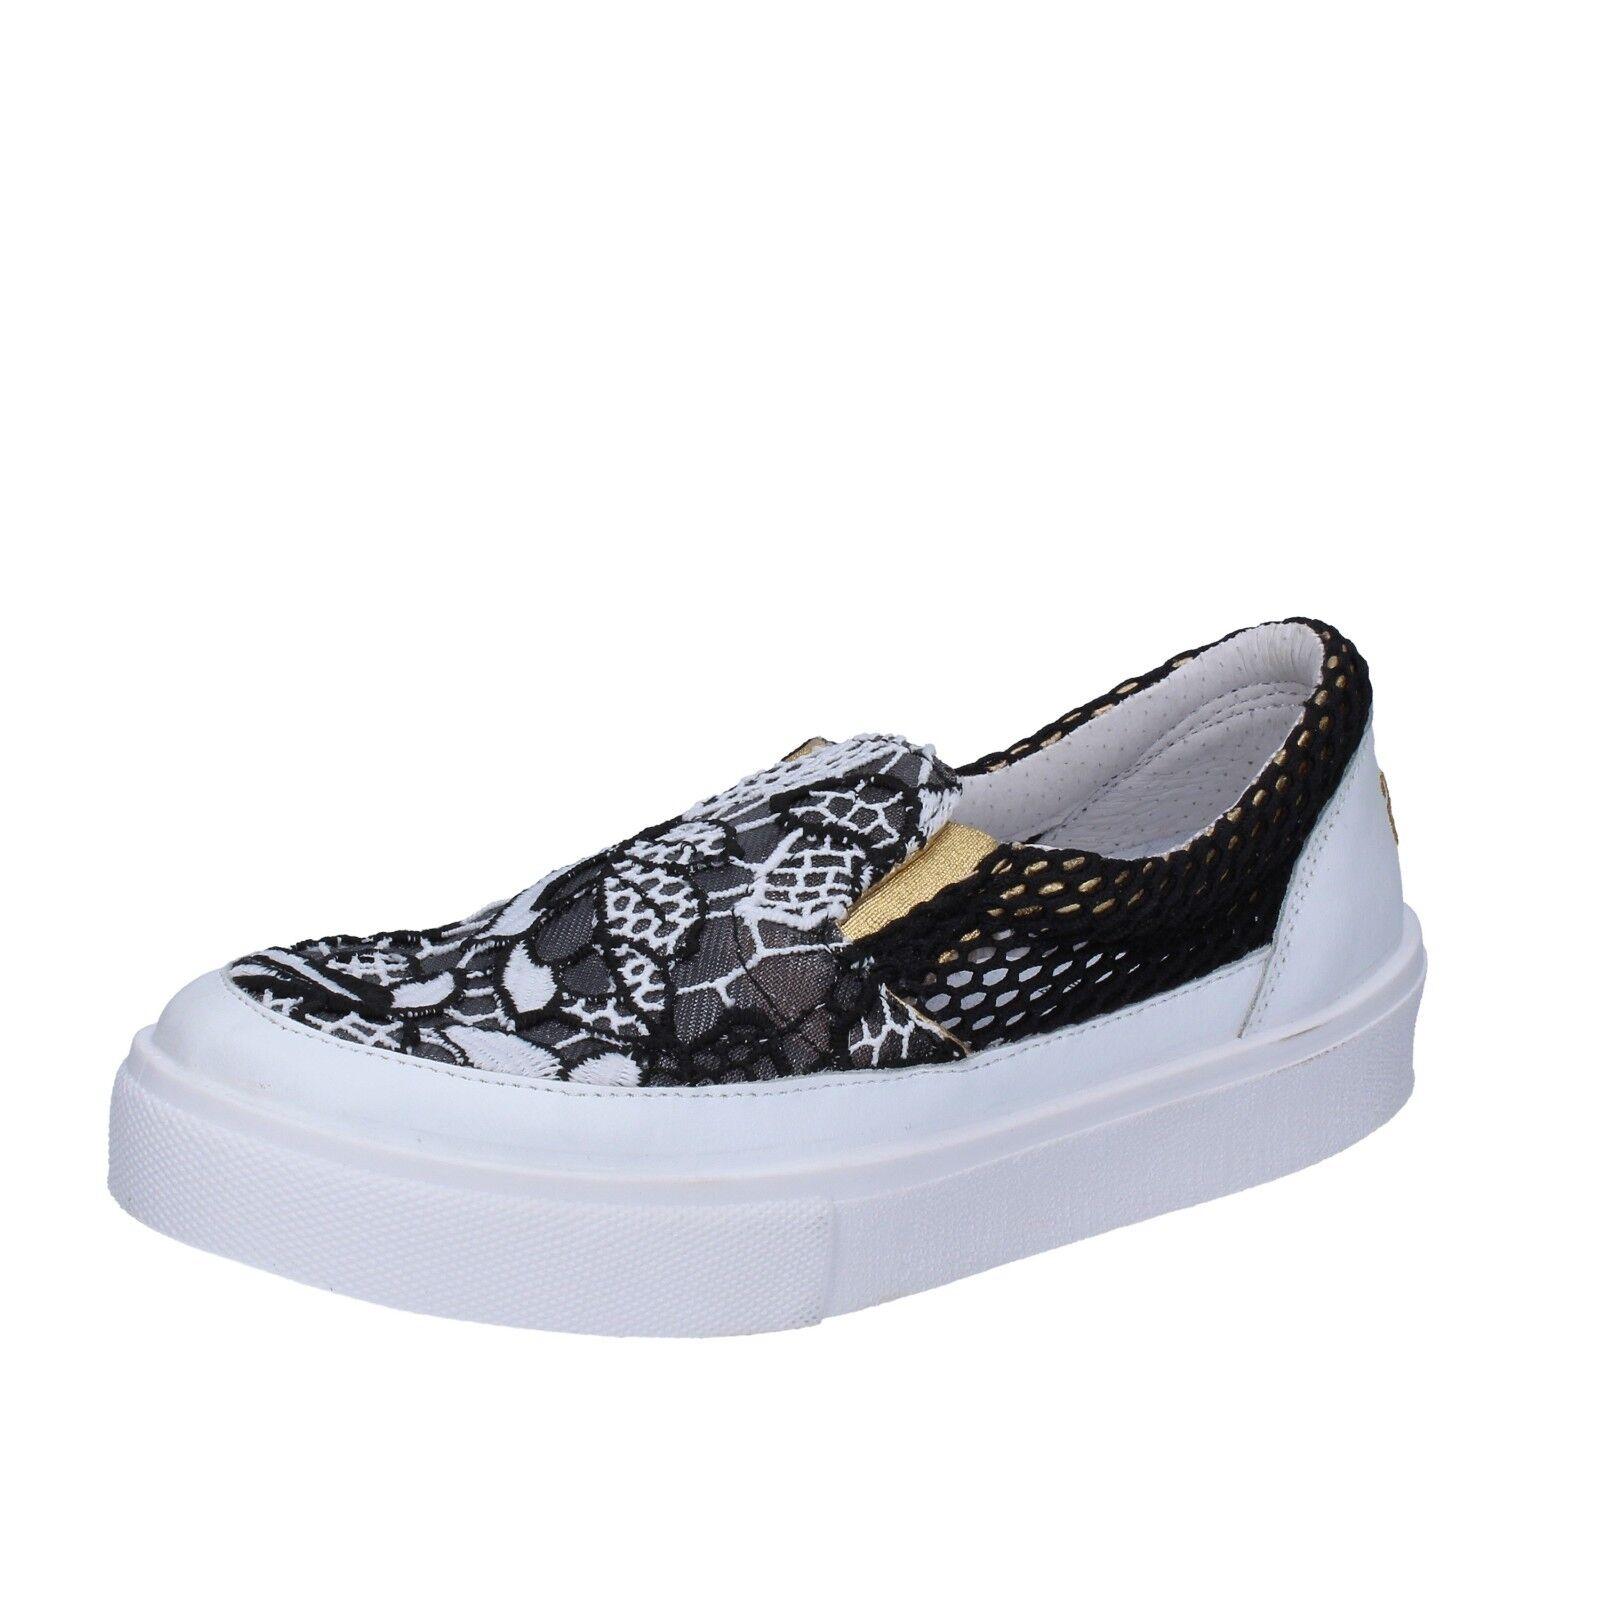 Geox Pumps Damen High Heels Stiletto Gr. DE 40 kein Etikett